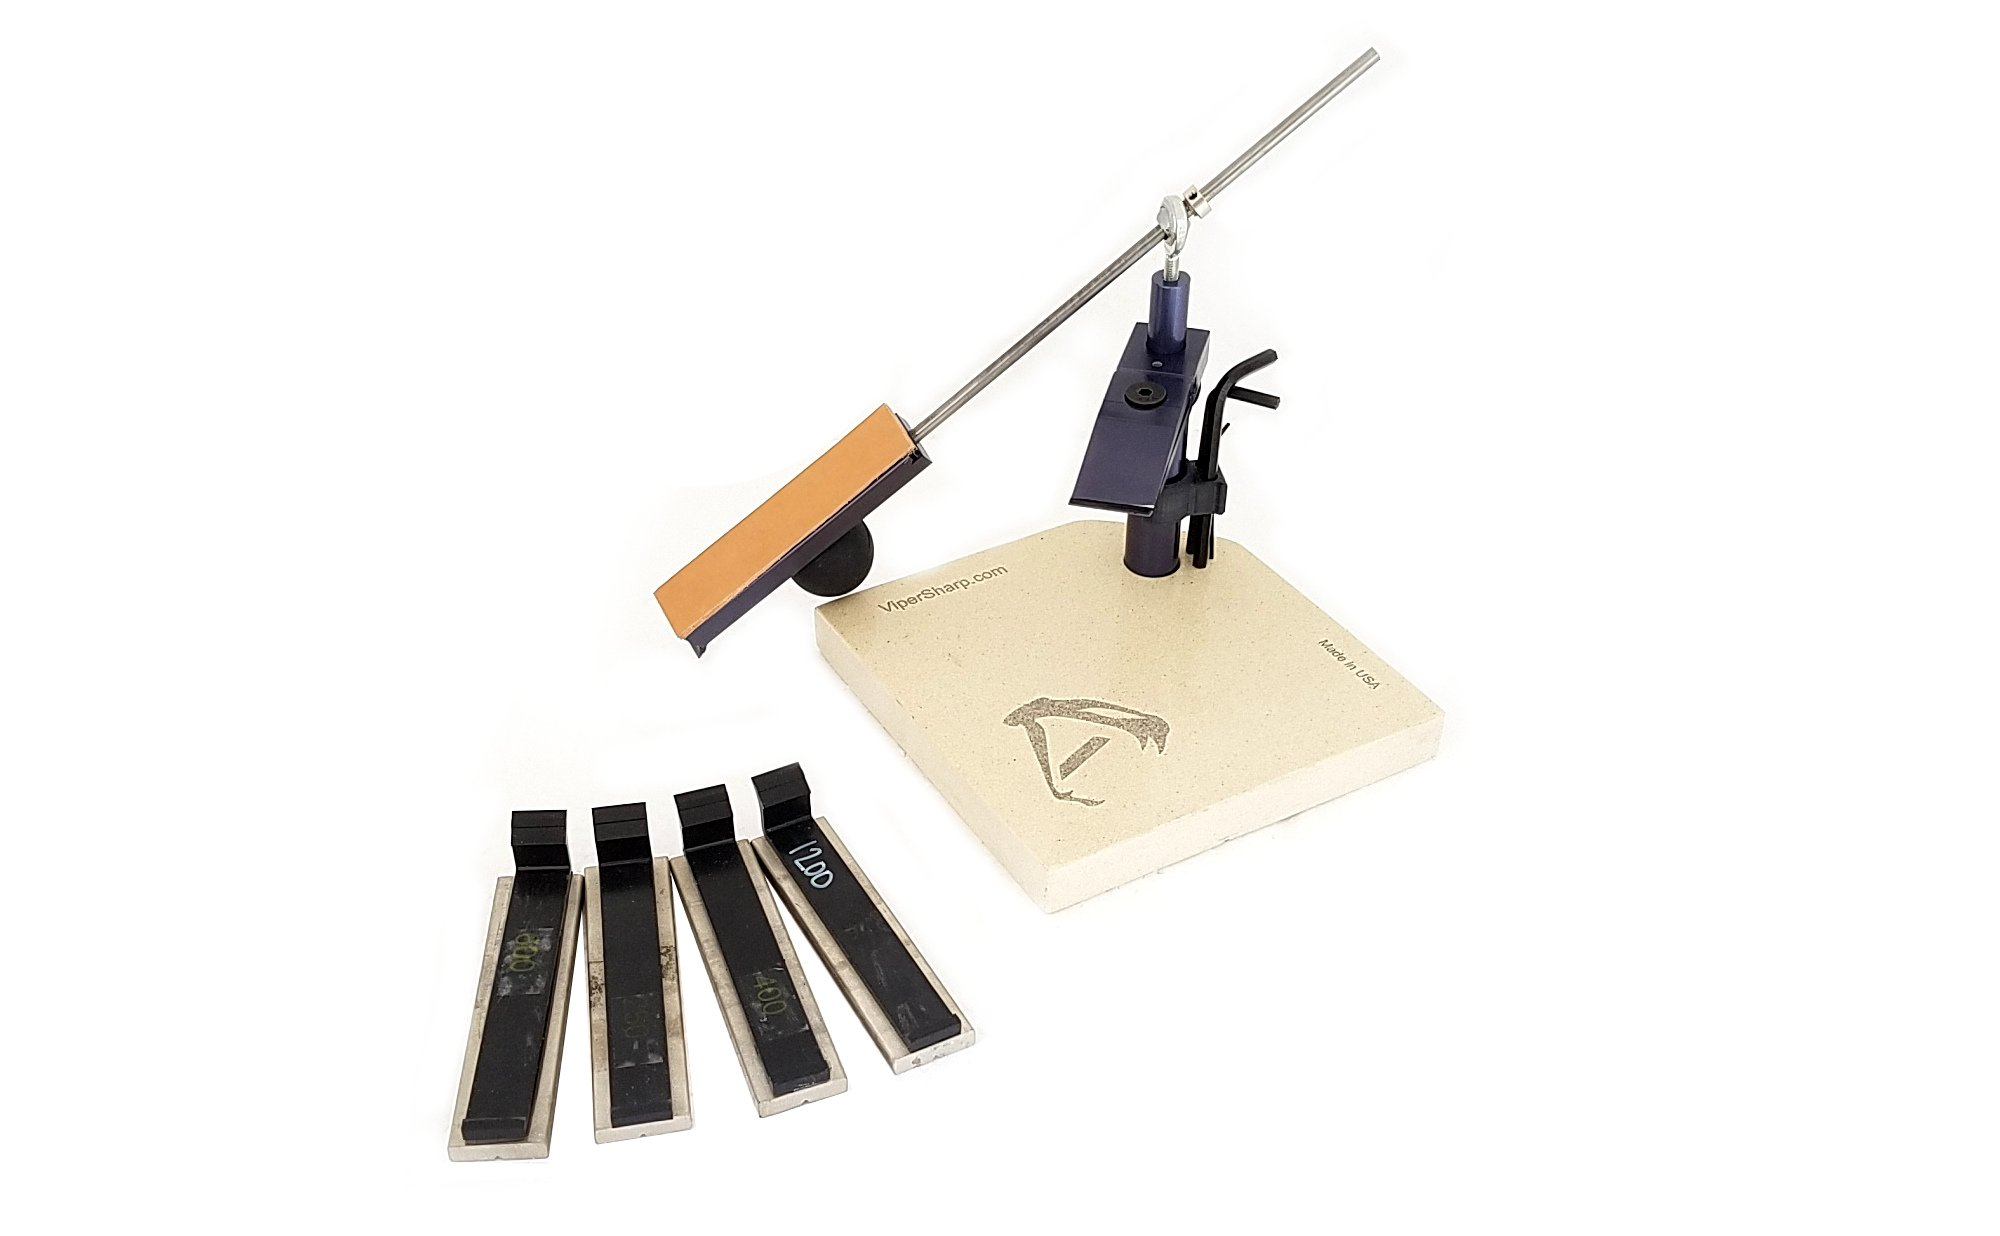 ViperSharp Diamond Sharpening Kit